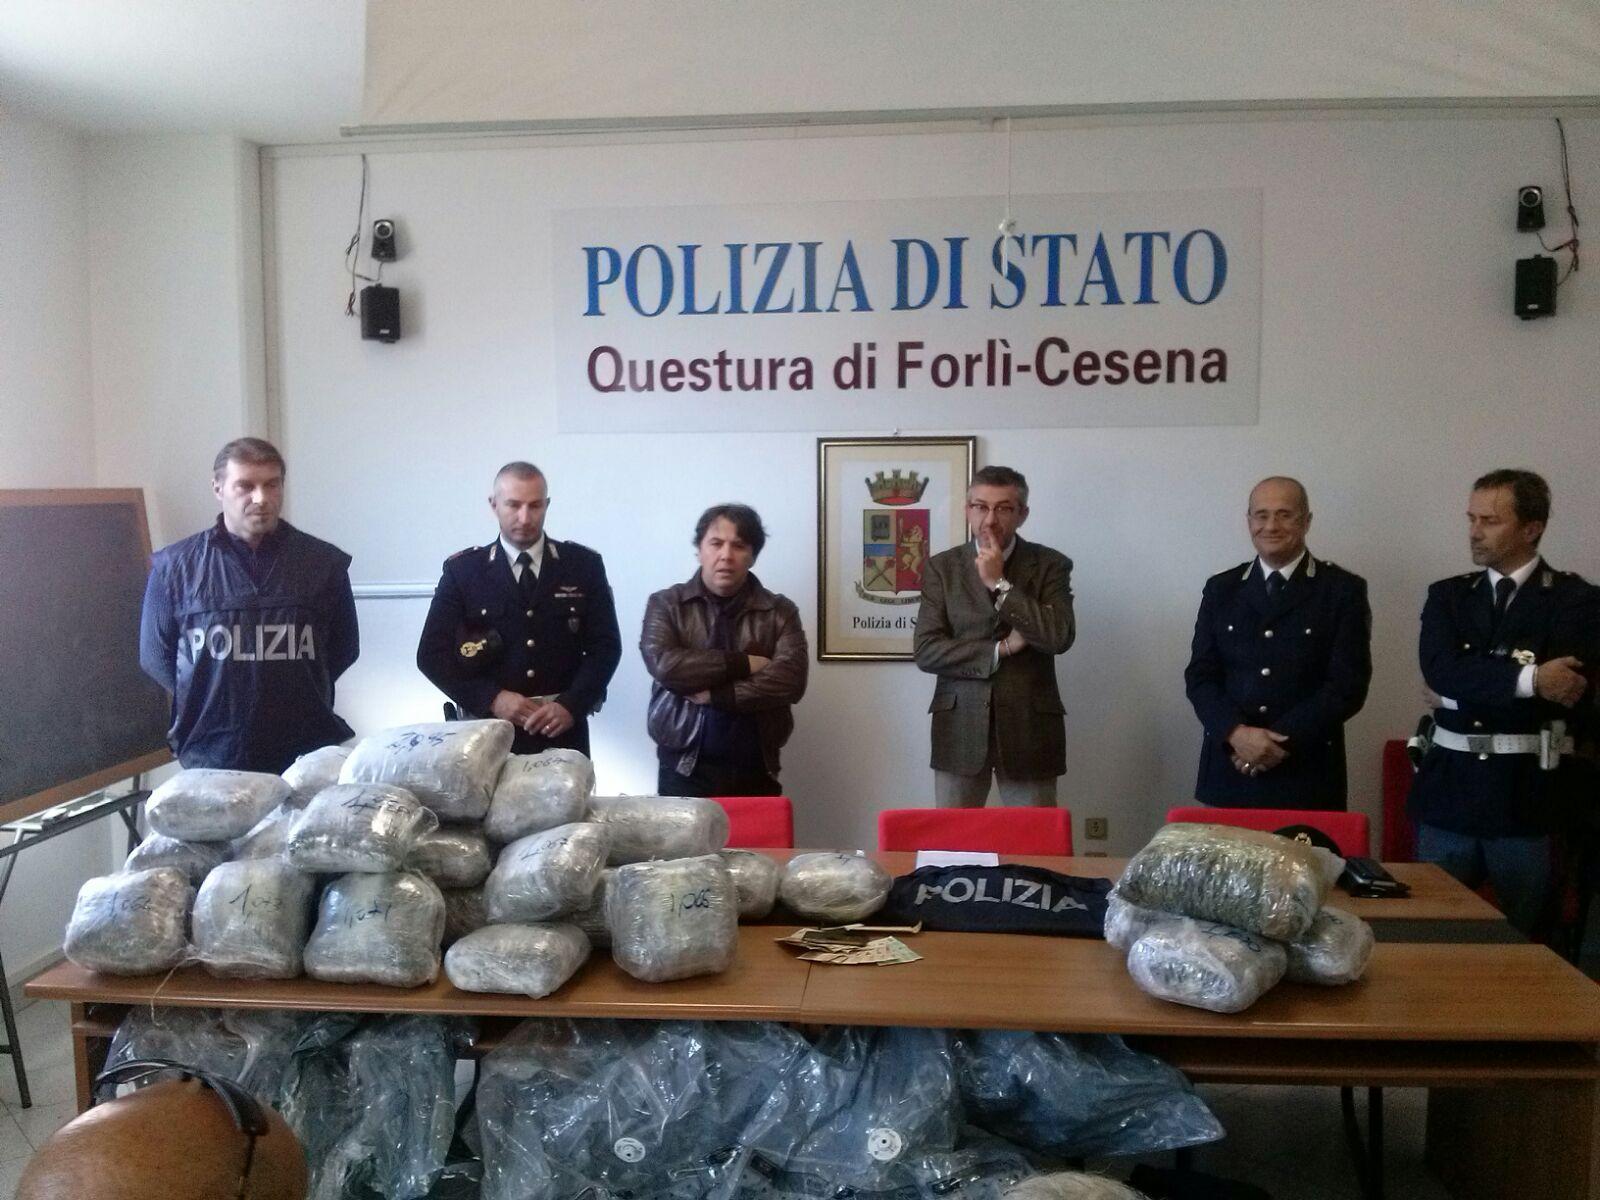 Polizia di stato questure sul web forl cesena for Questure poliziadistato it stranieri